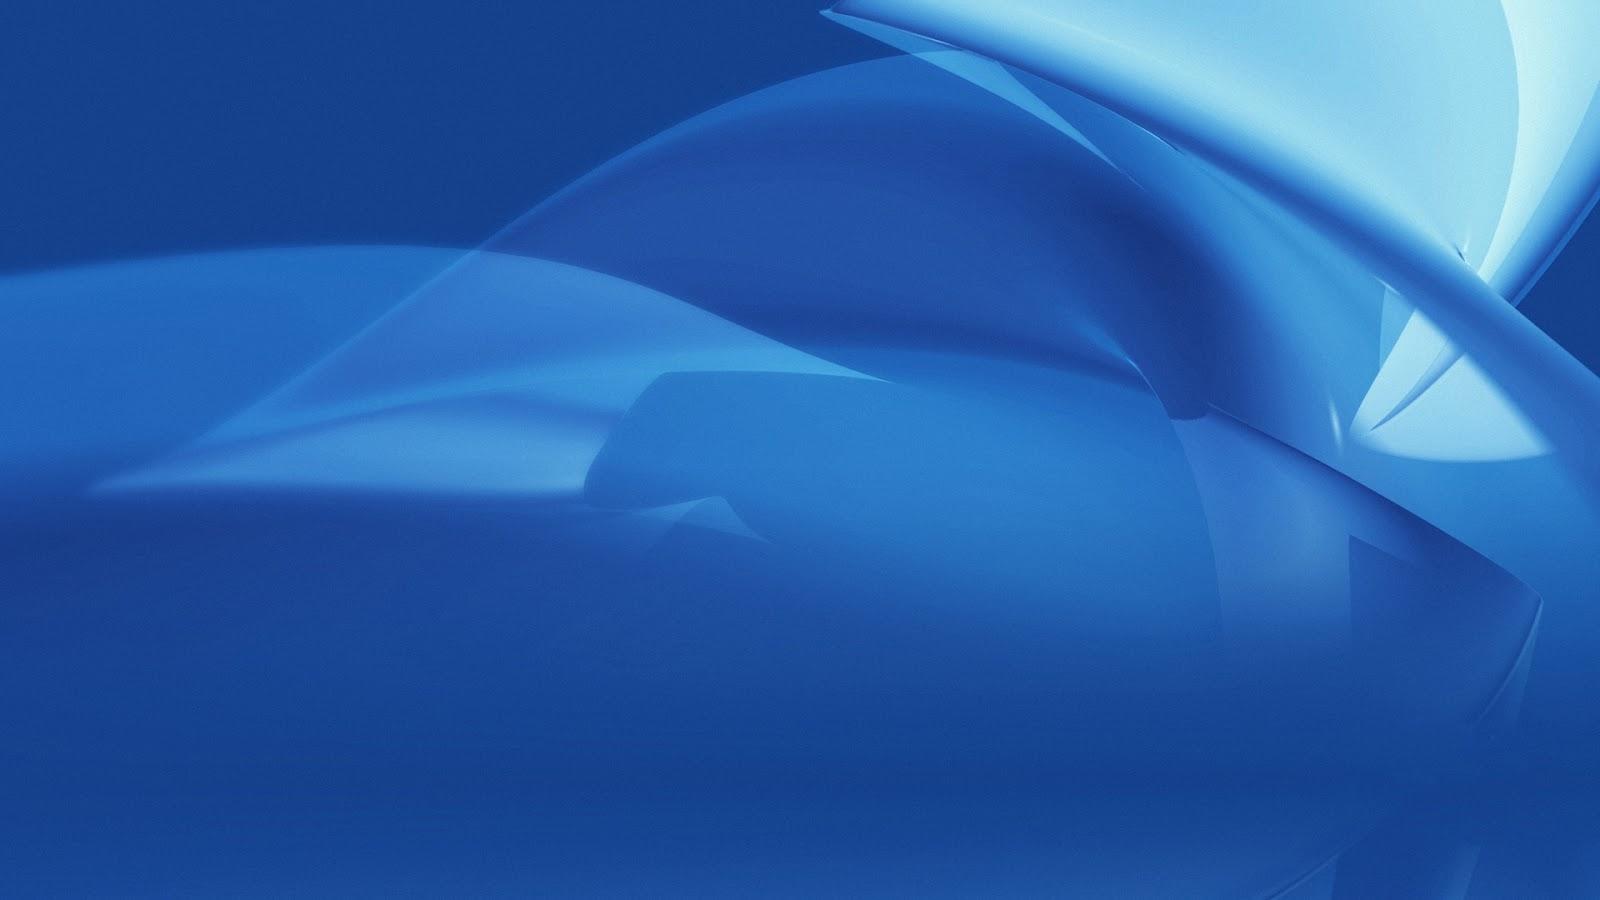 http://2.bp.blogspot.com/-Km0VcxmBFQw/T4dVMh1SWYI/AAAAAAAACxk/kwPm1bSc0wc/s1600/Colorful+Abstract+1920x1080+1080p+hd+widescreen+hot+wallpaper++(6).jpg